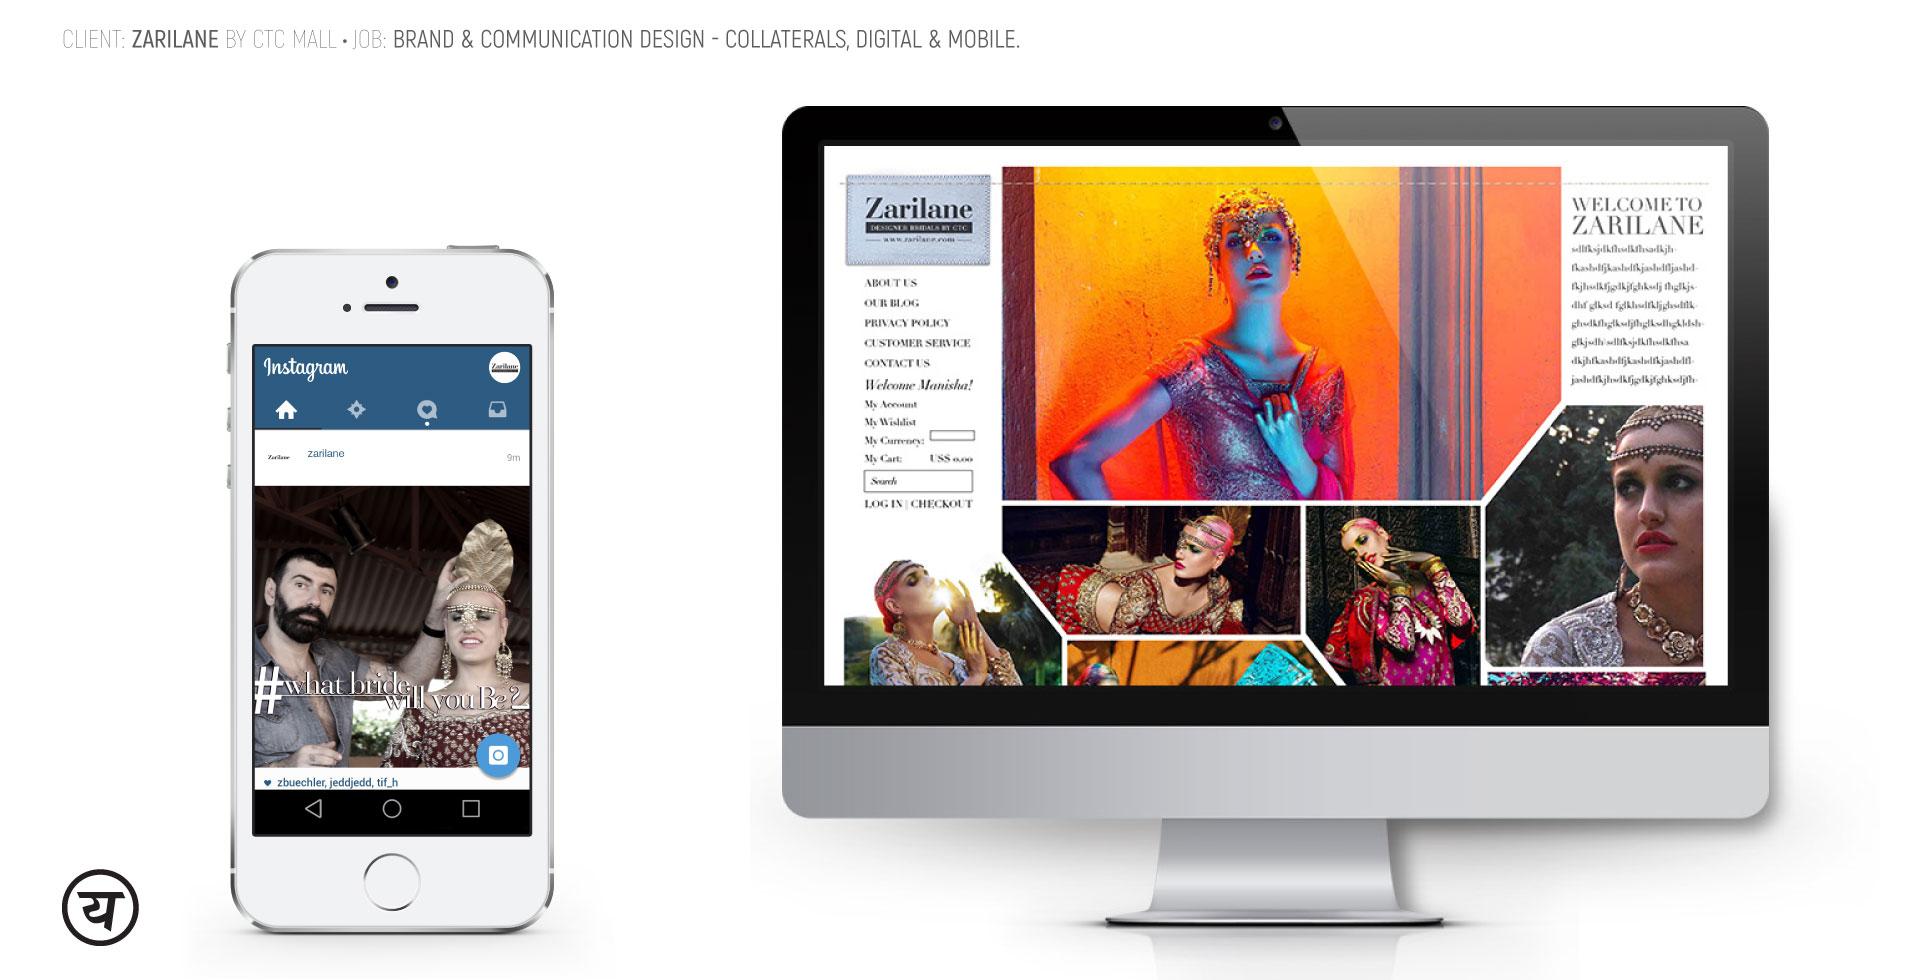 YesYesWhyNot_Communication-Design_CTC-#10